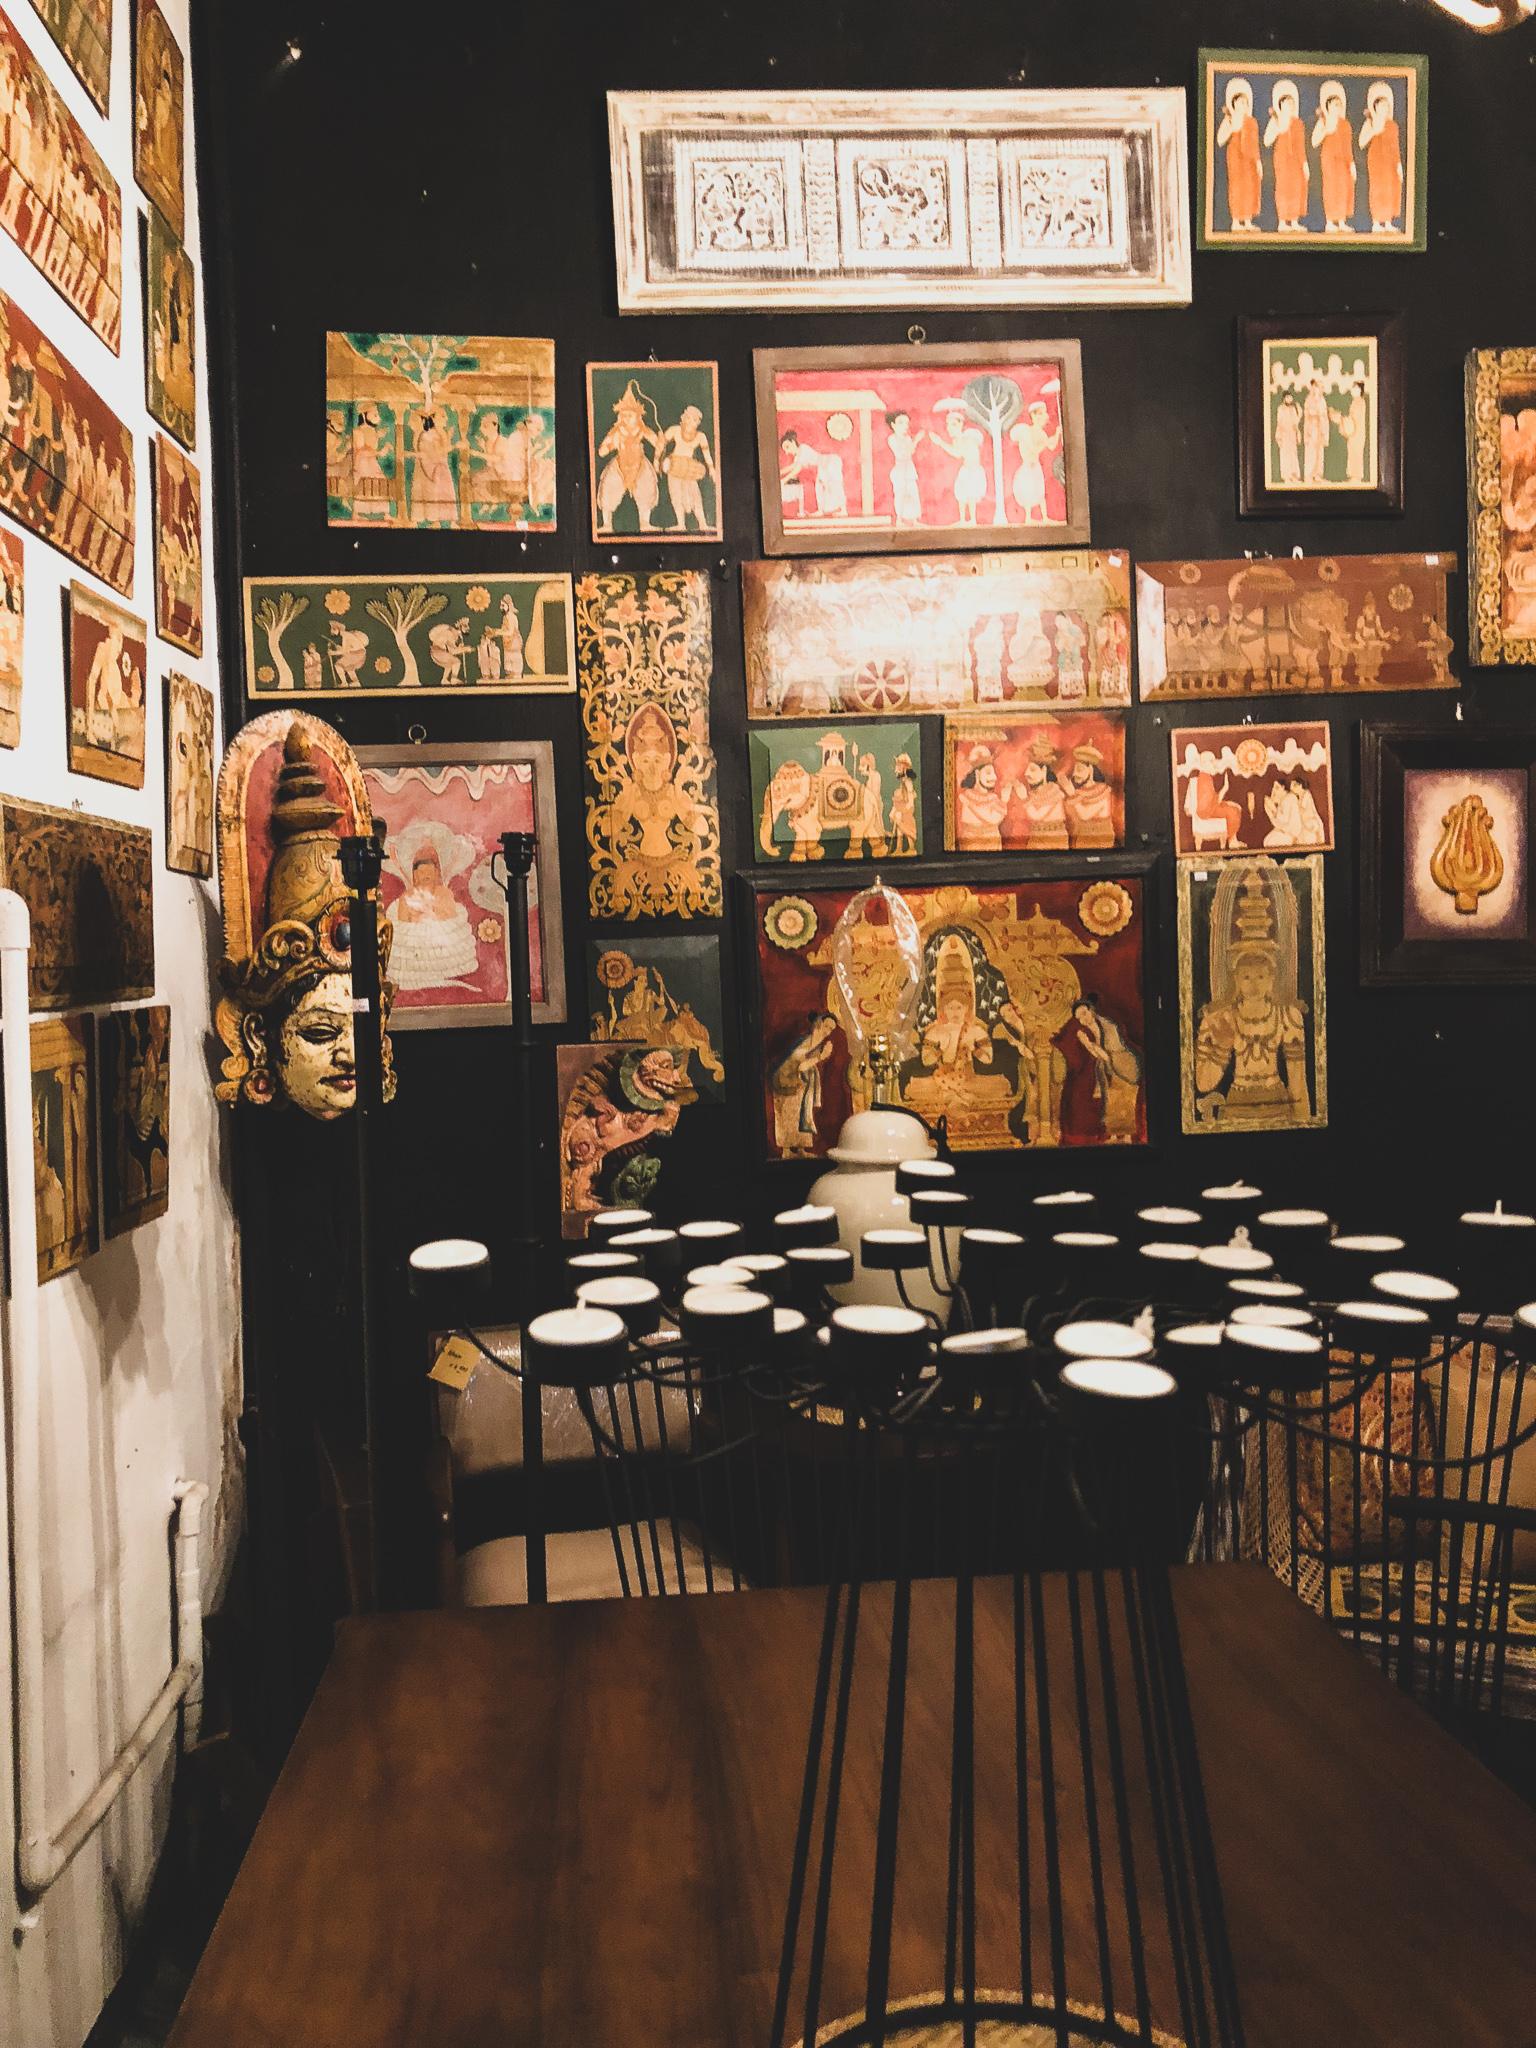 Decorative painted wood at Suriya